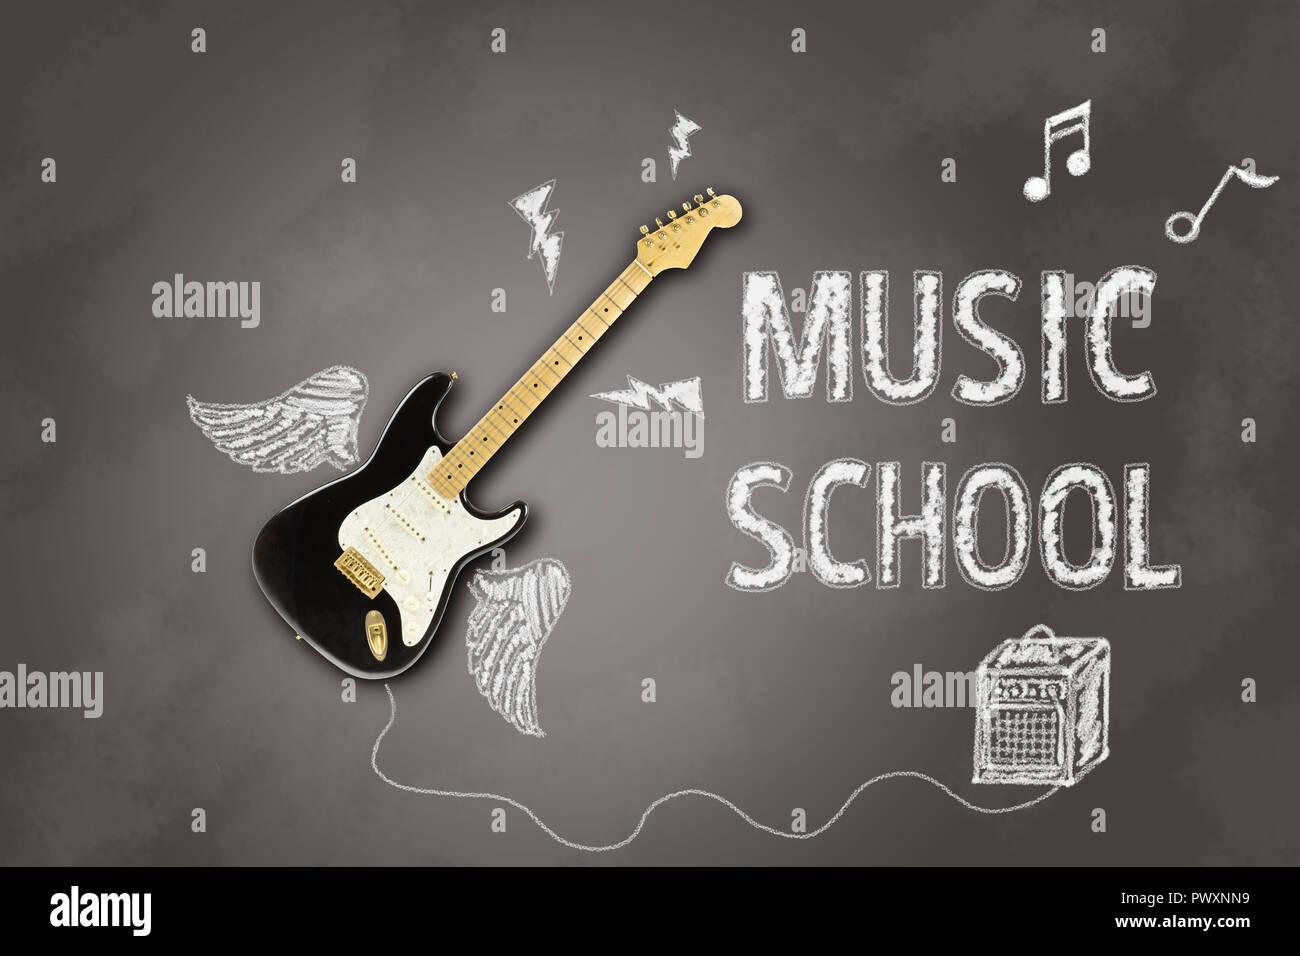 Image représentant une guitare électrique sur un tableau noir avec craie annonce écrite en rapport avec les leçons de musique Banque D'Images